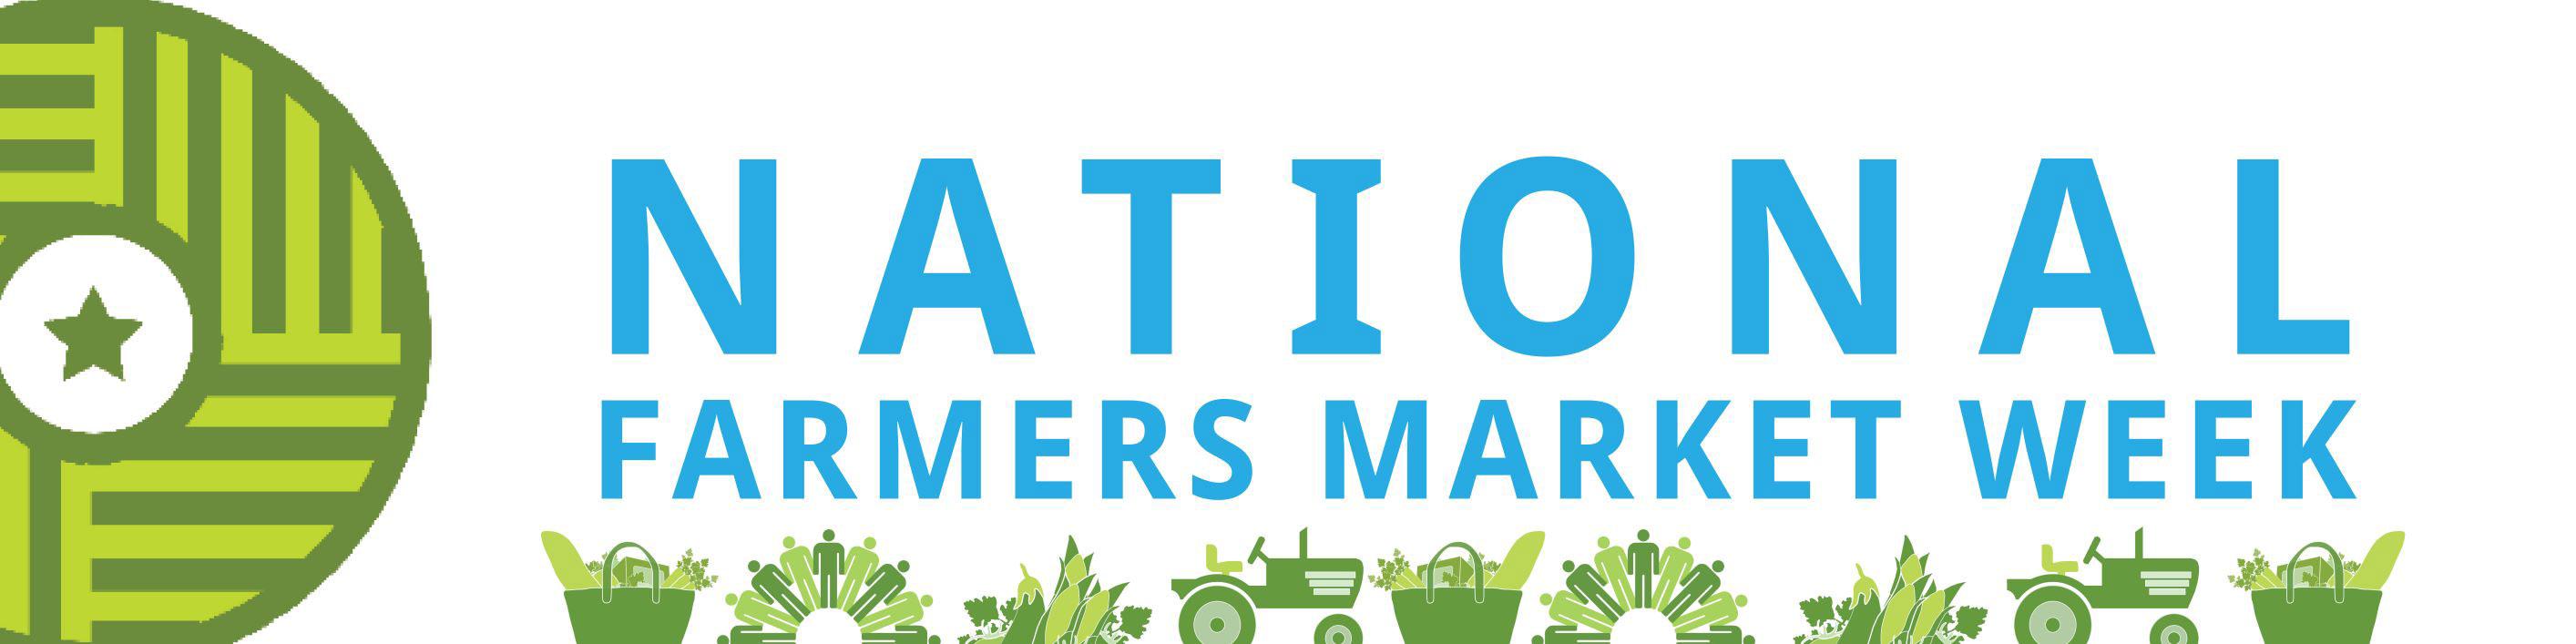 https://farmersmarketcoalition.org/national-farmers-market-week/